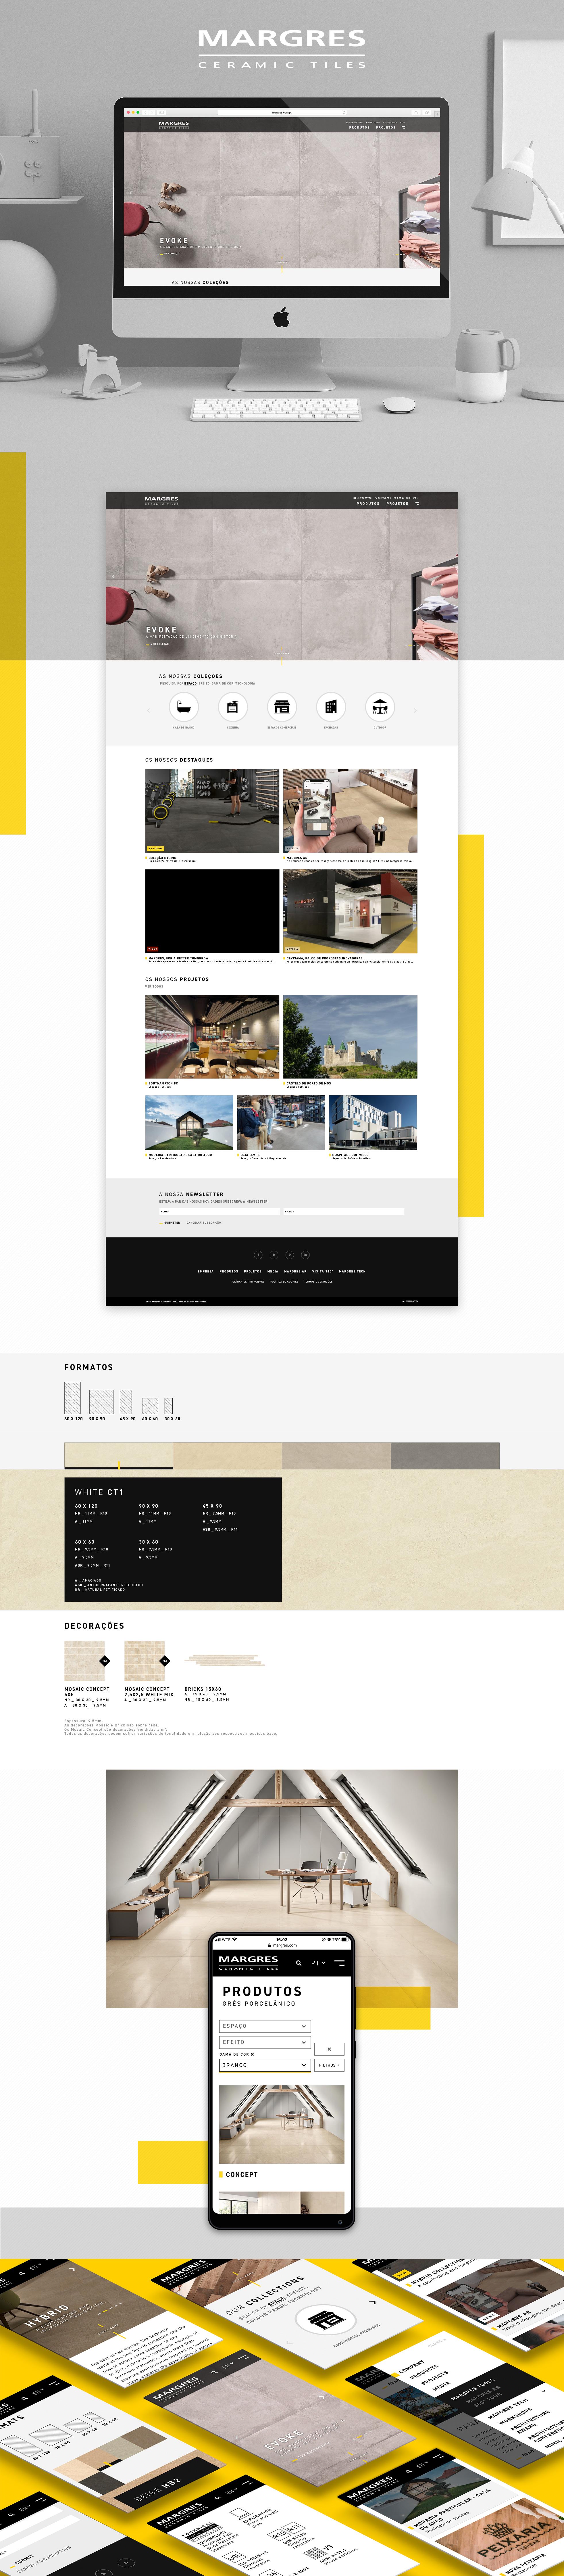 Website Margres